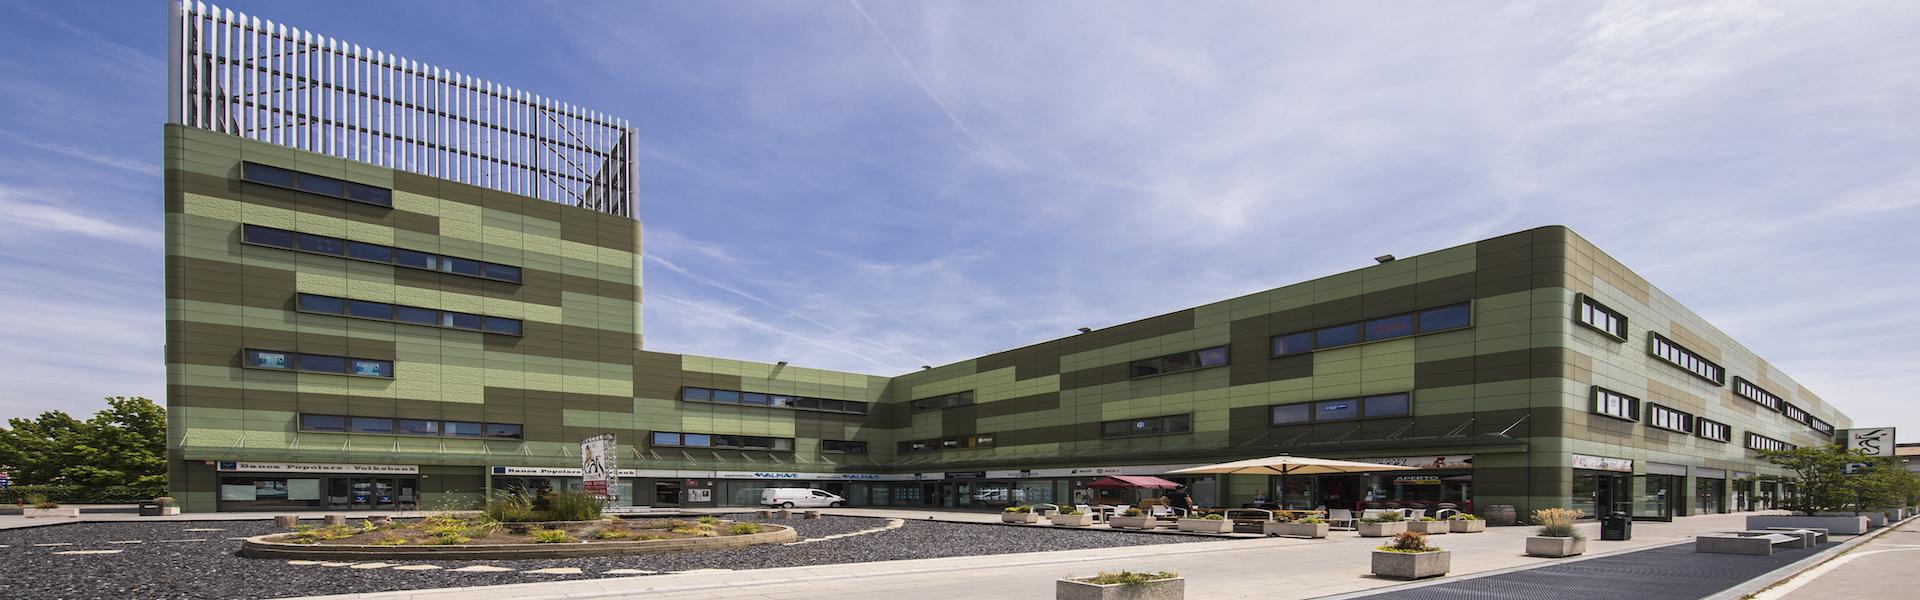 RZLEX Studio legale Conegliano Treviso Veneto